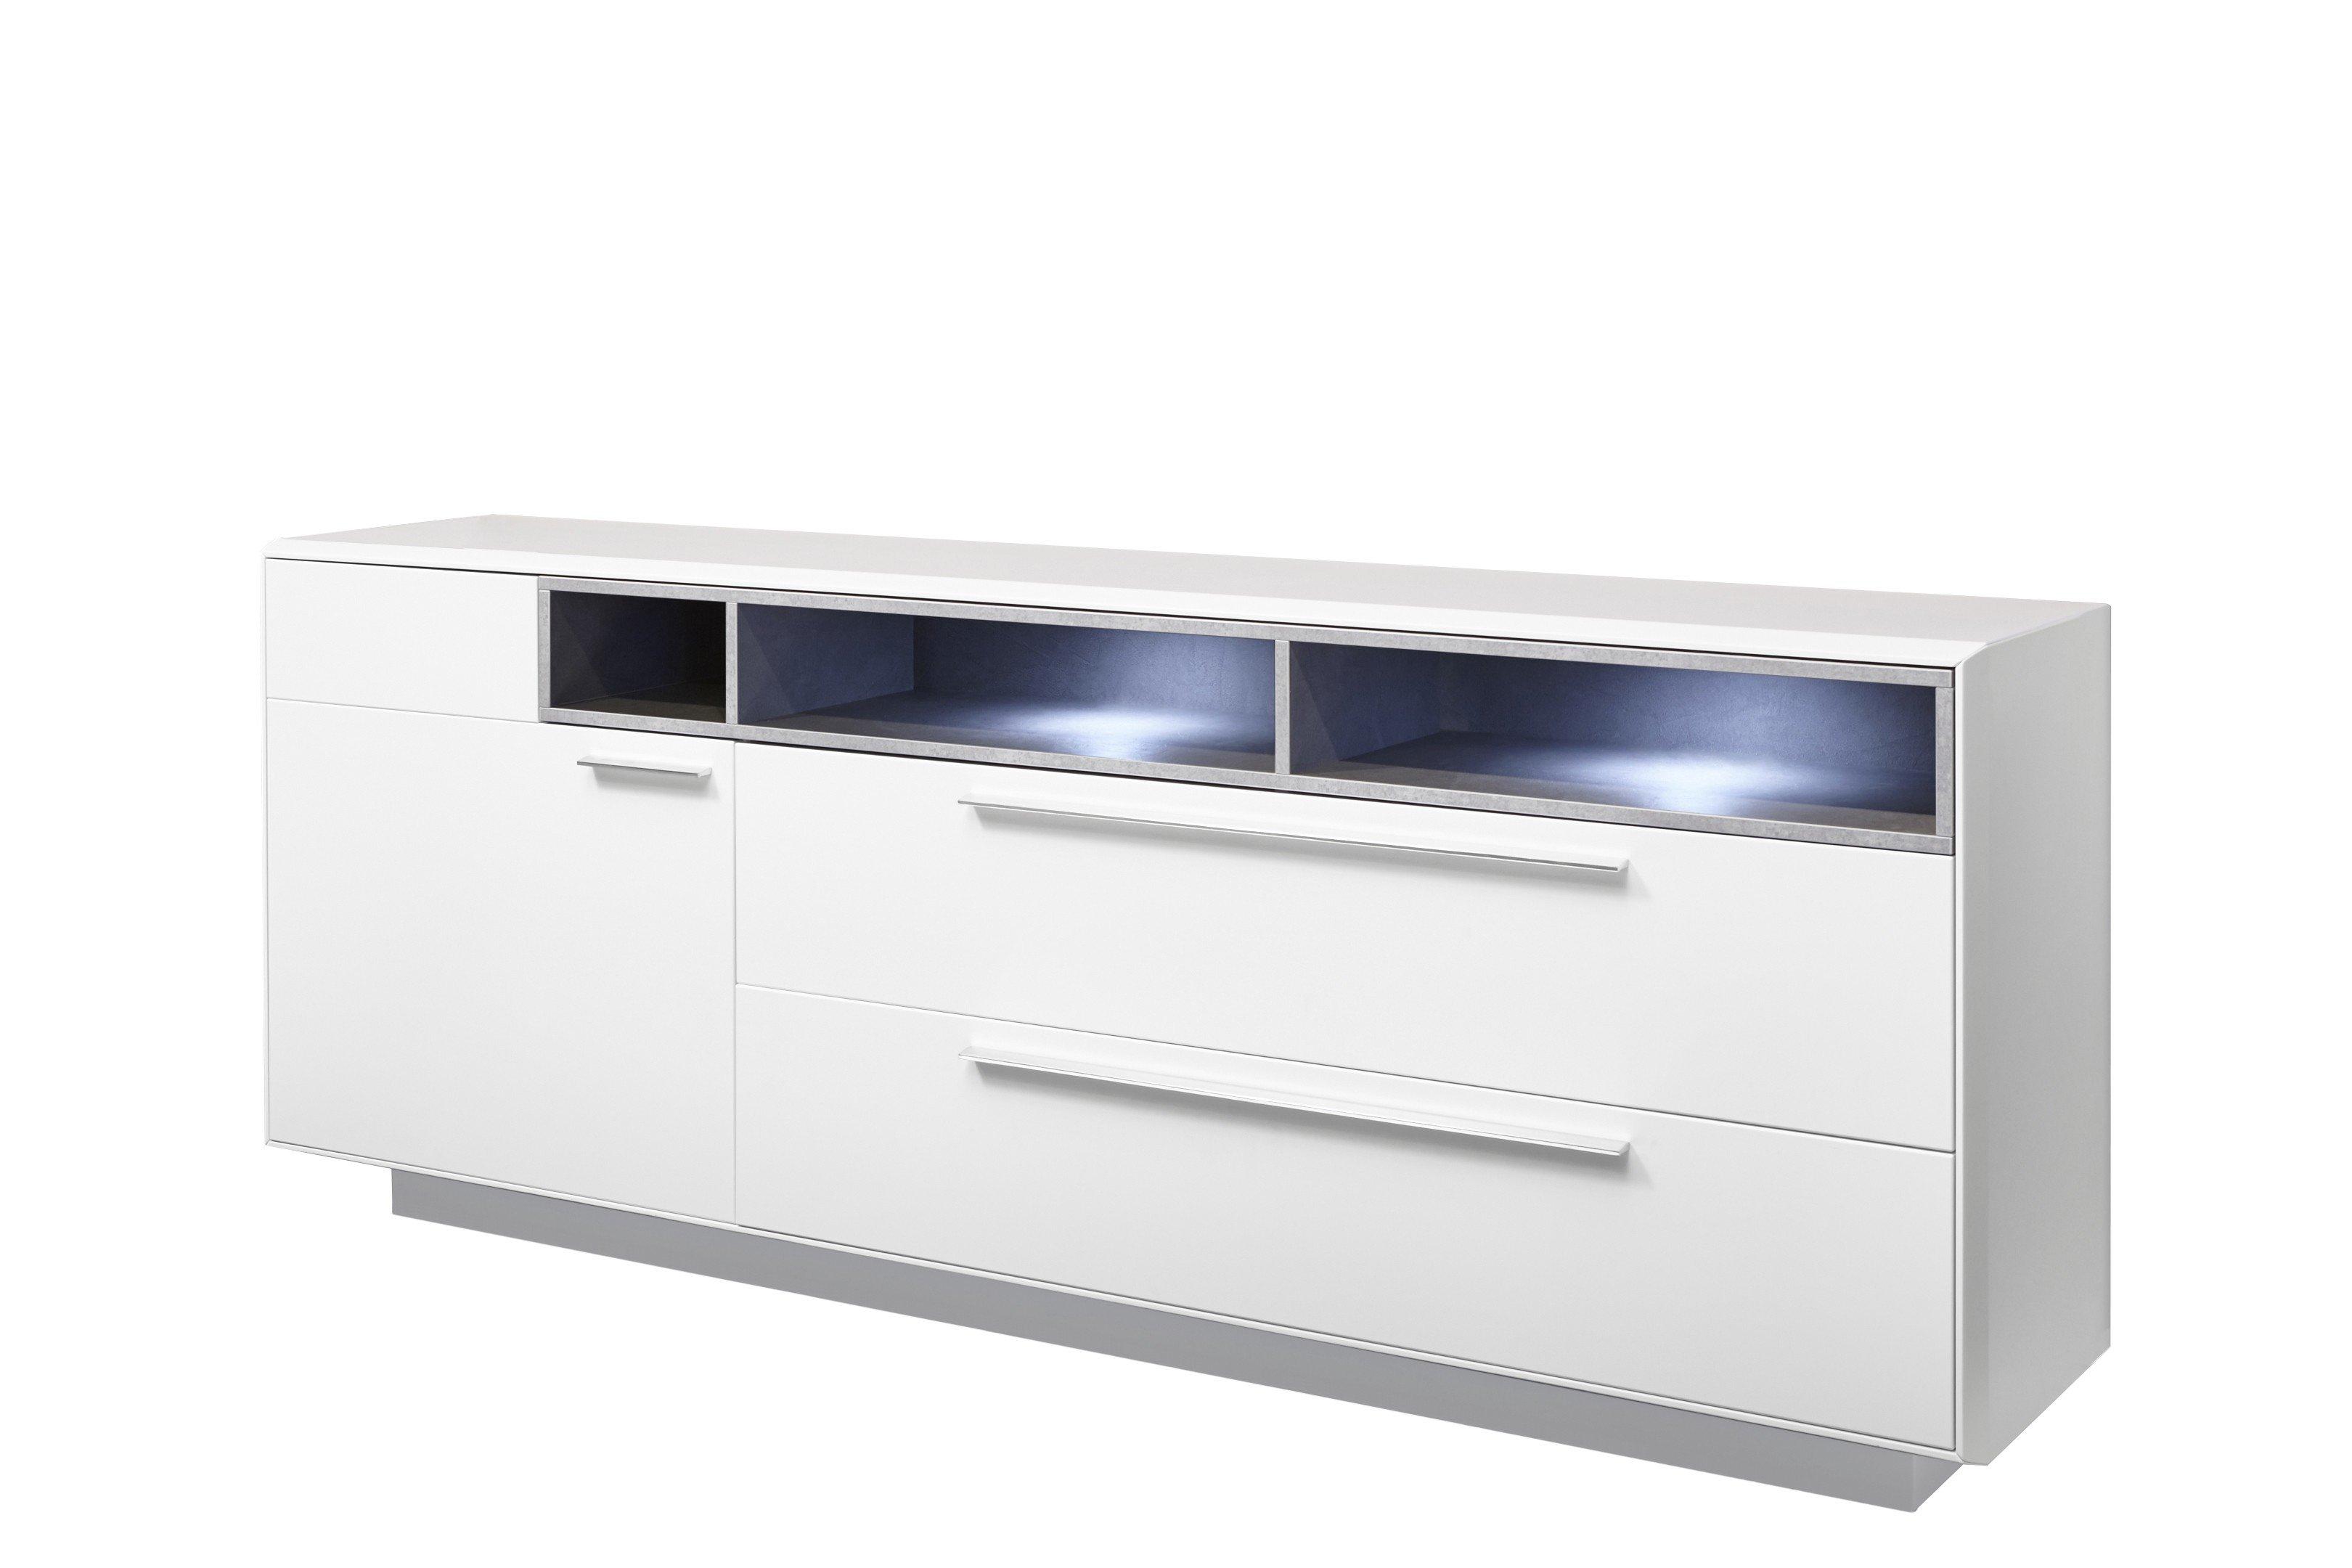 Sideboard V 8 FR: Weiß Mattlack, Claystone Hellgrau